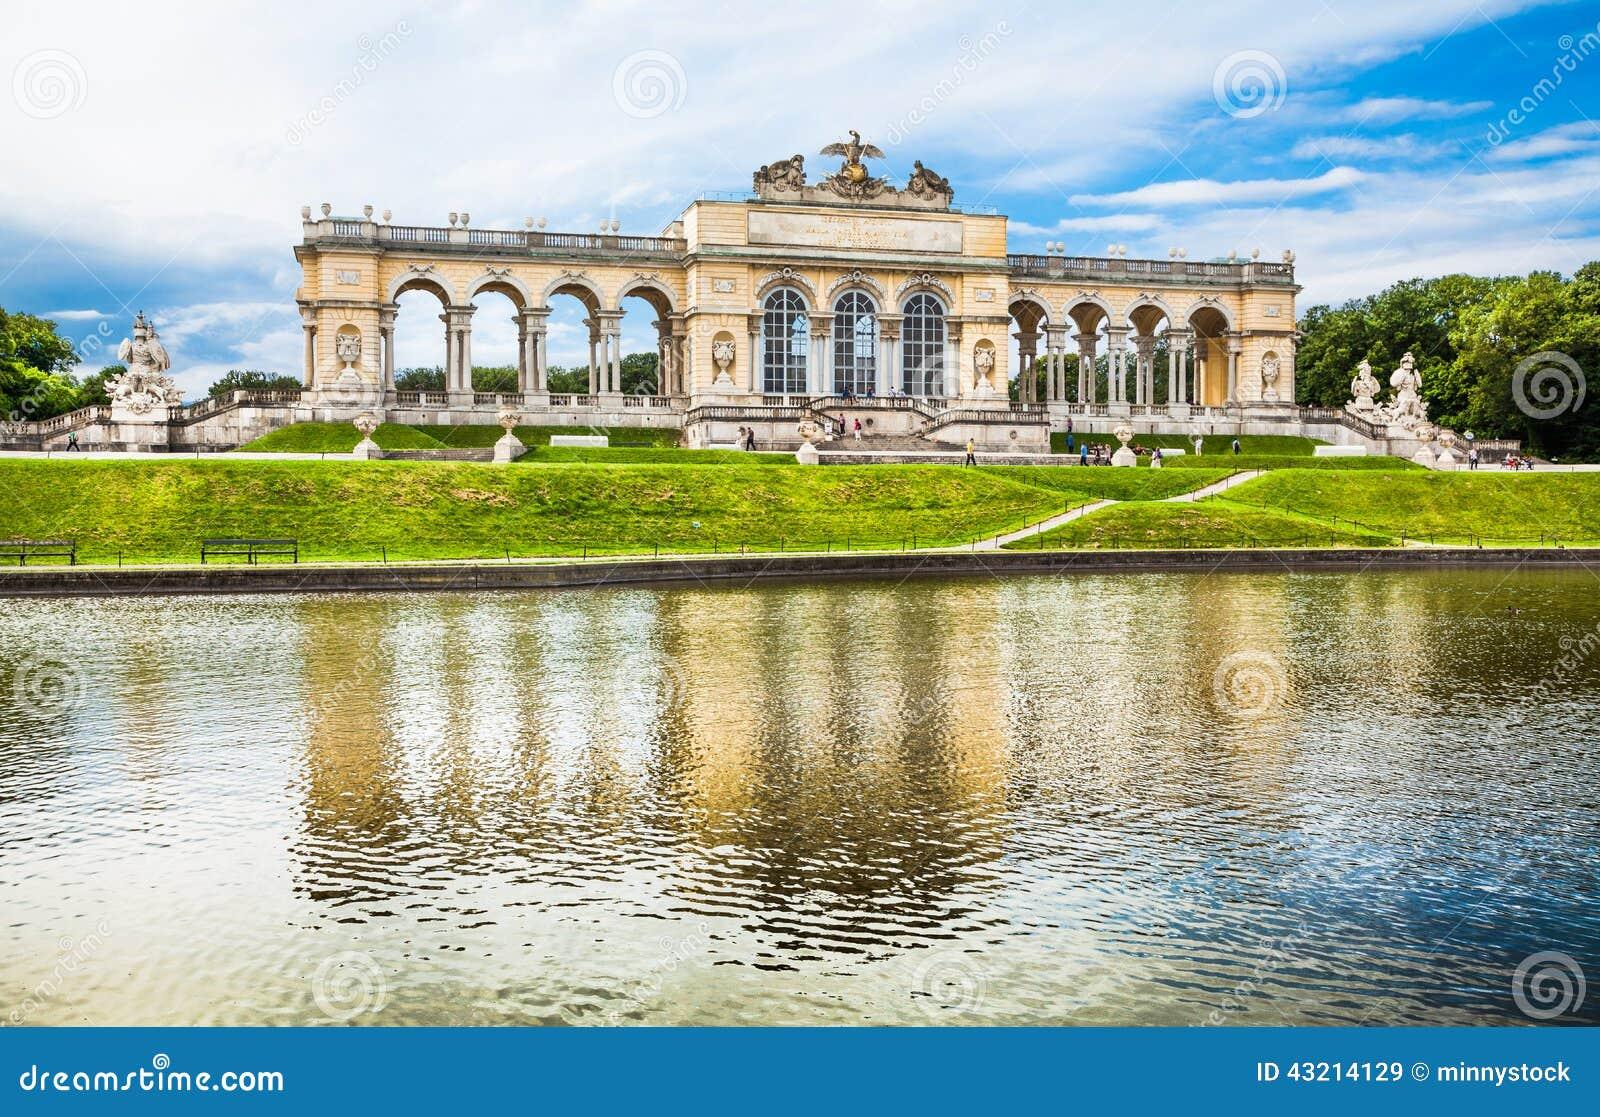 Gloriette famoso al palazzo ed ai giardini di Schonbrunn a Vienna, Austria